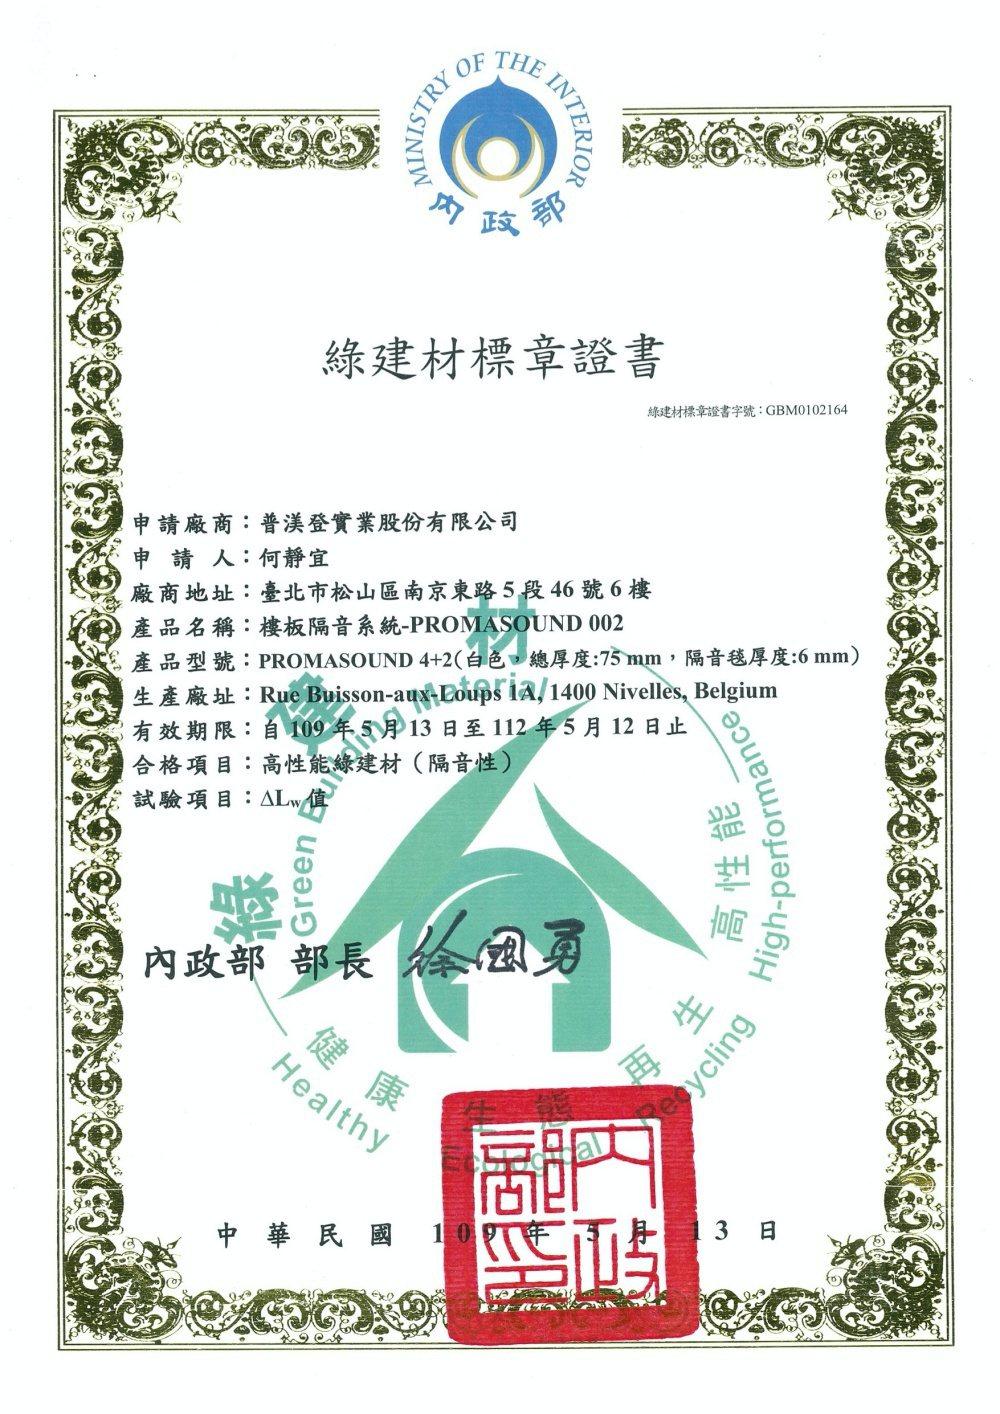 普渼登高性能樓板隔音墊甫獲內政部頒布的綠建材標章證書肯定。 普渼登/提供